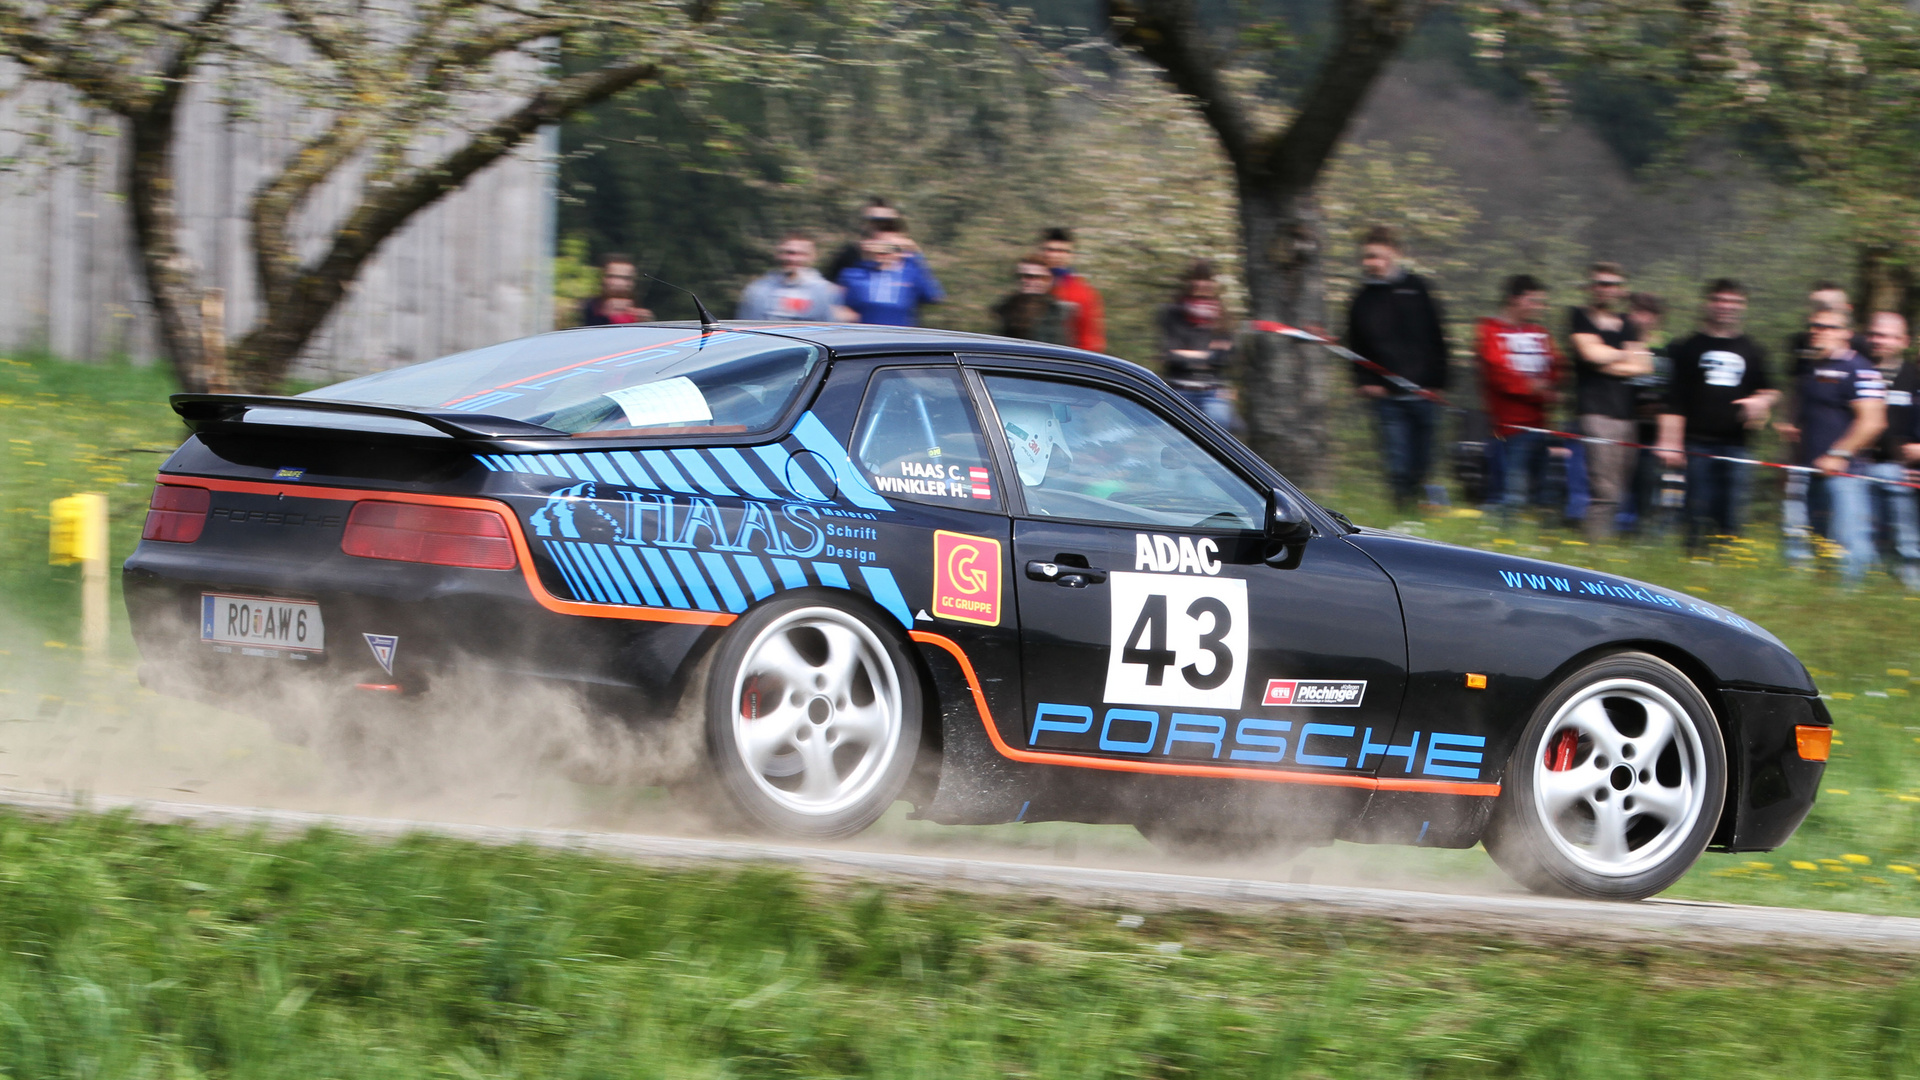 Porsche 968 RALLYE?!?